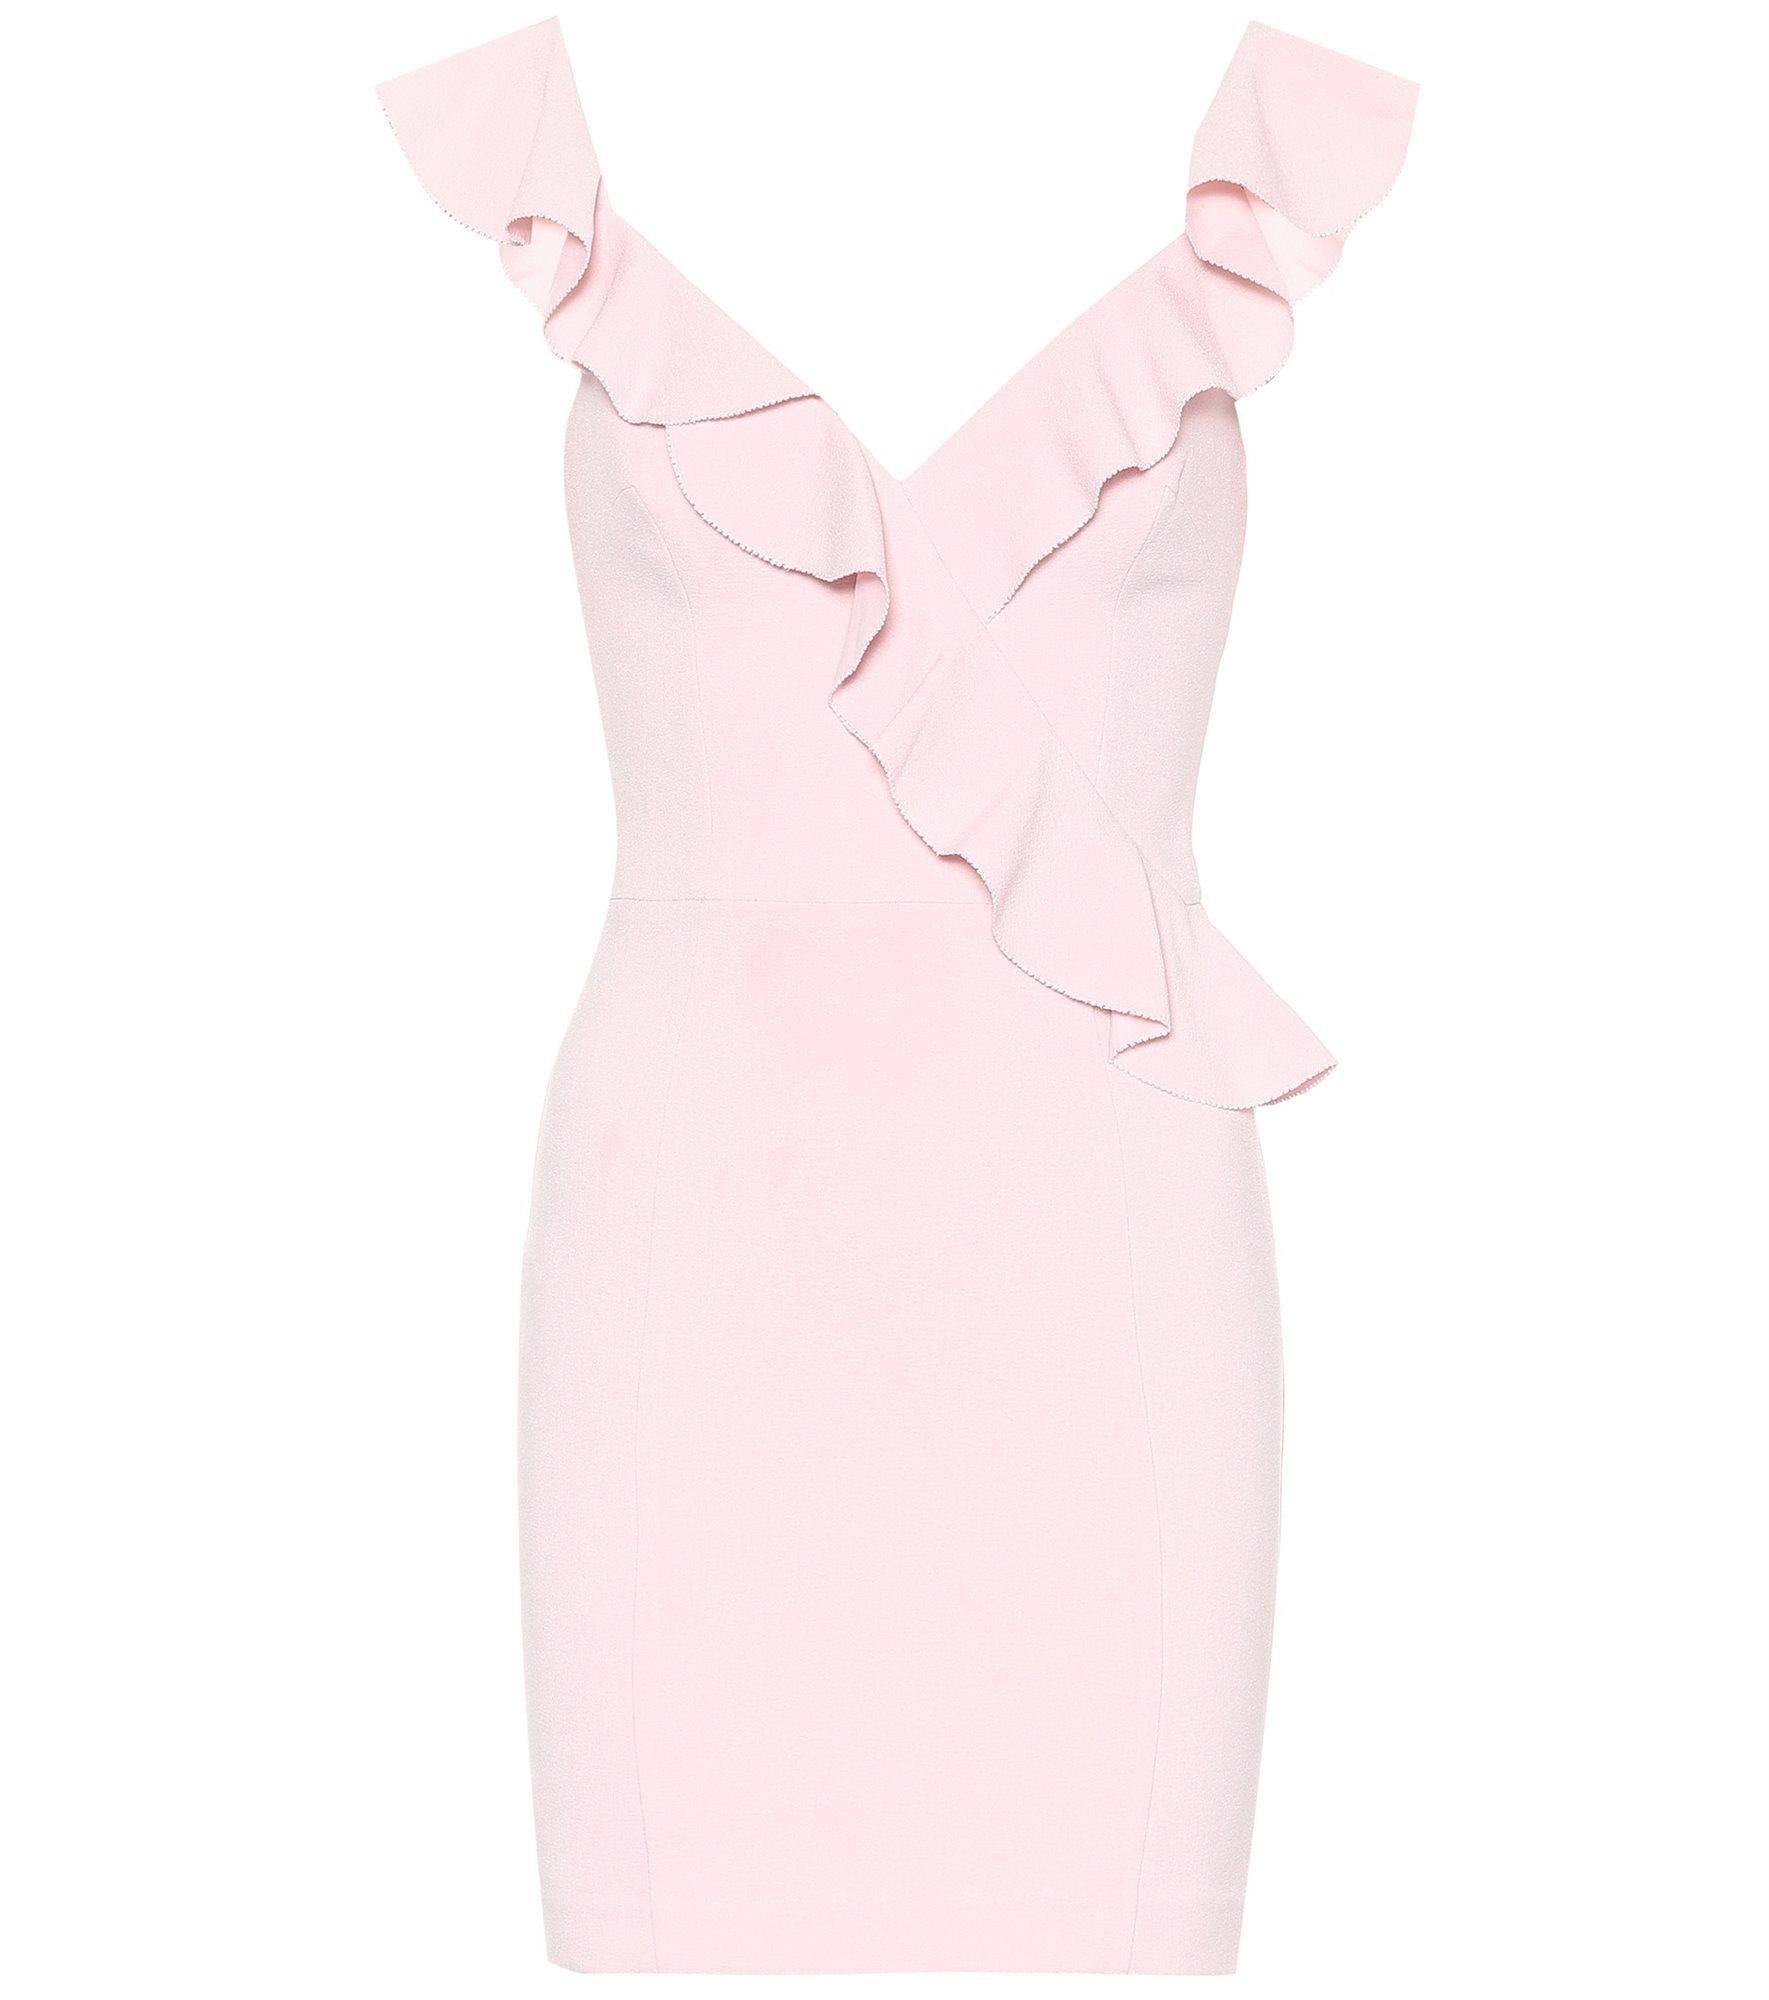 abe528f217ffc rebecca-vallance-vestido-rosa-crepe. Vestido rosa en crepé